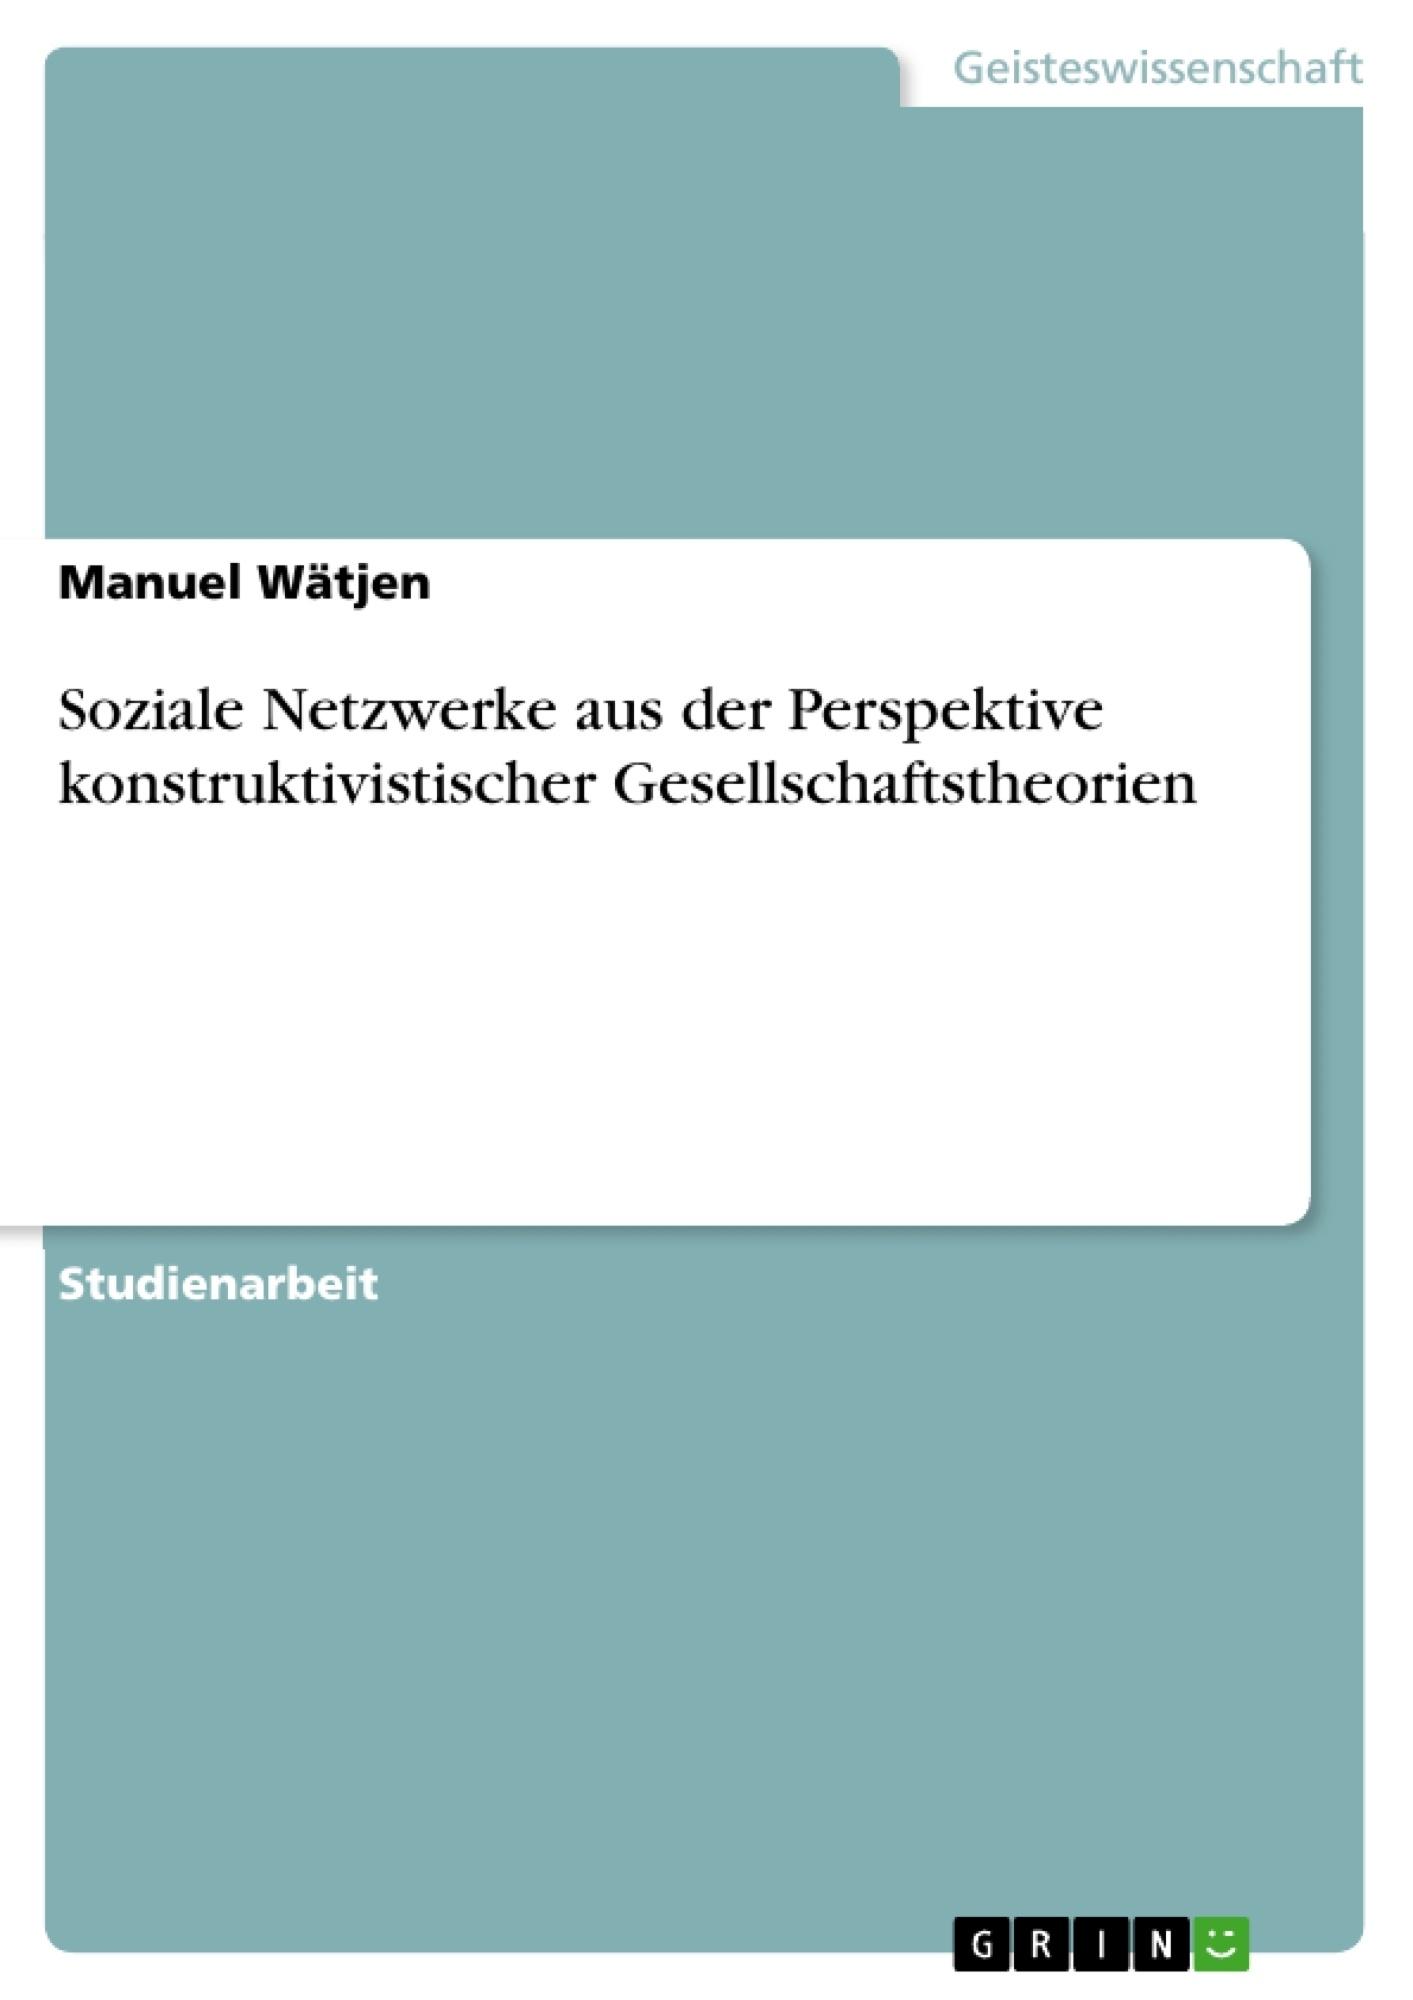 Titel: Soziale Netzwerke aus der Perspektive konstruktivistischer Gesellschaftstheorien